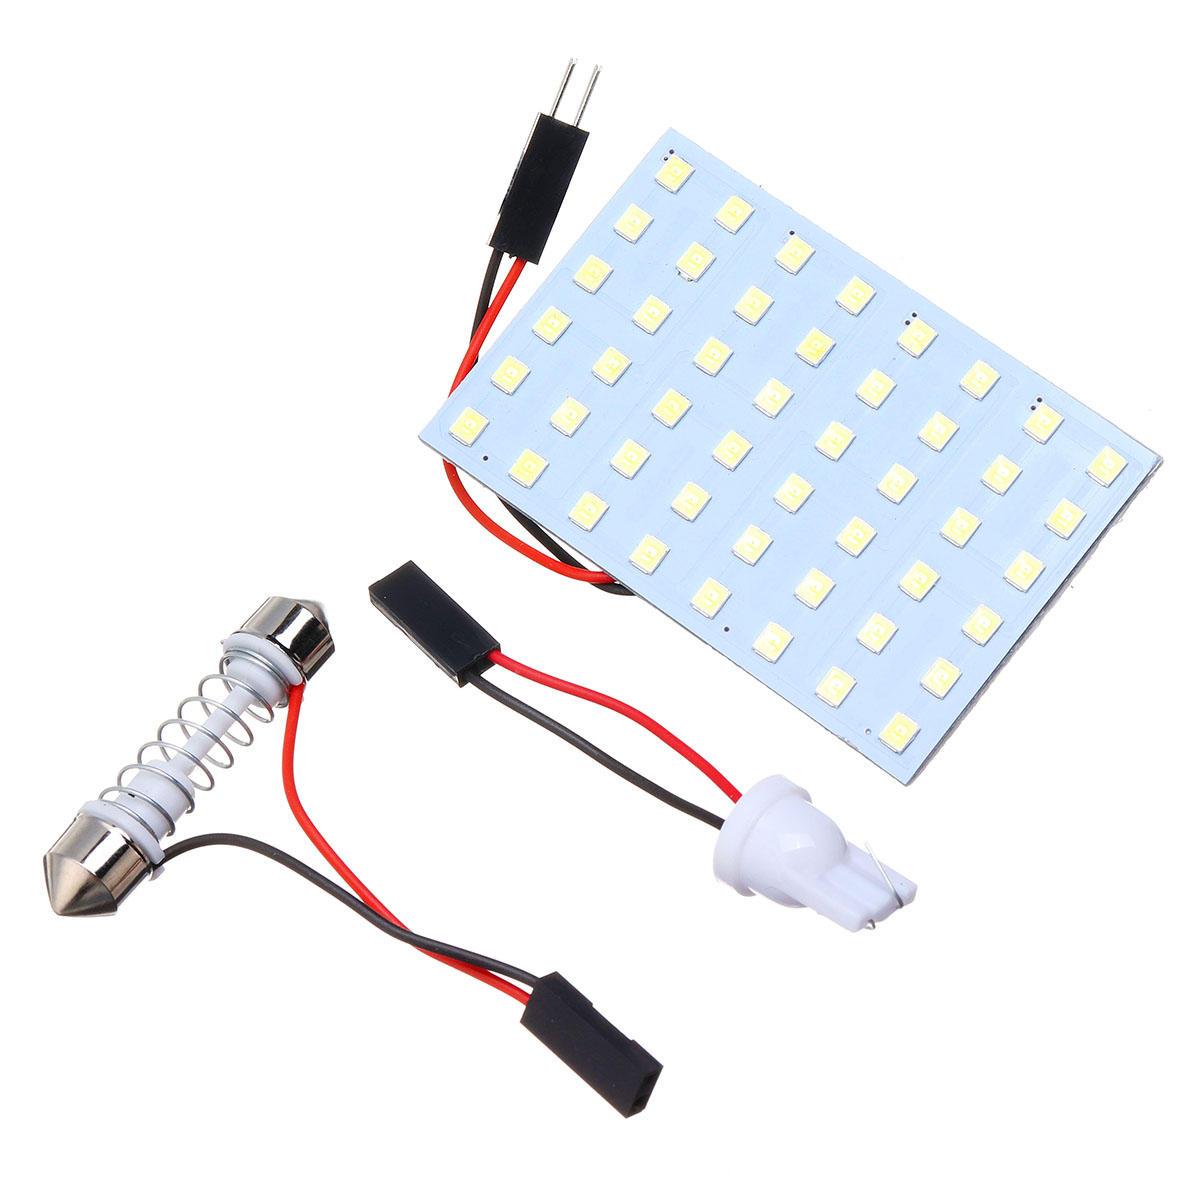 48-SMD 1210 LED Dome Lampu Panel T10 BA9S Memperhiasi Lampu Baca Interior Mobil 4.8 W Putih